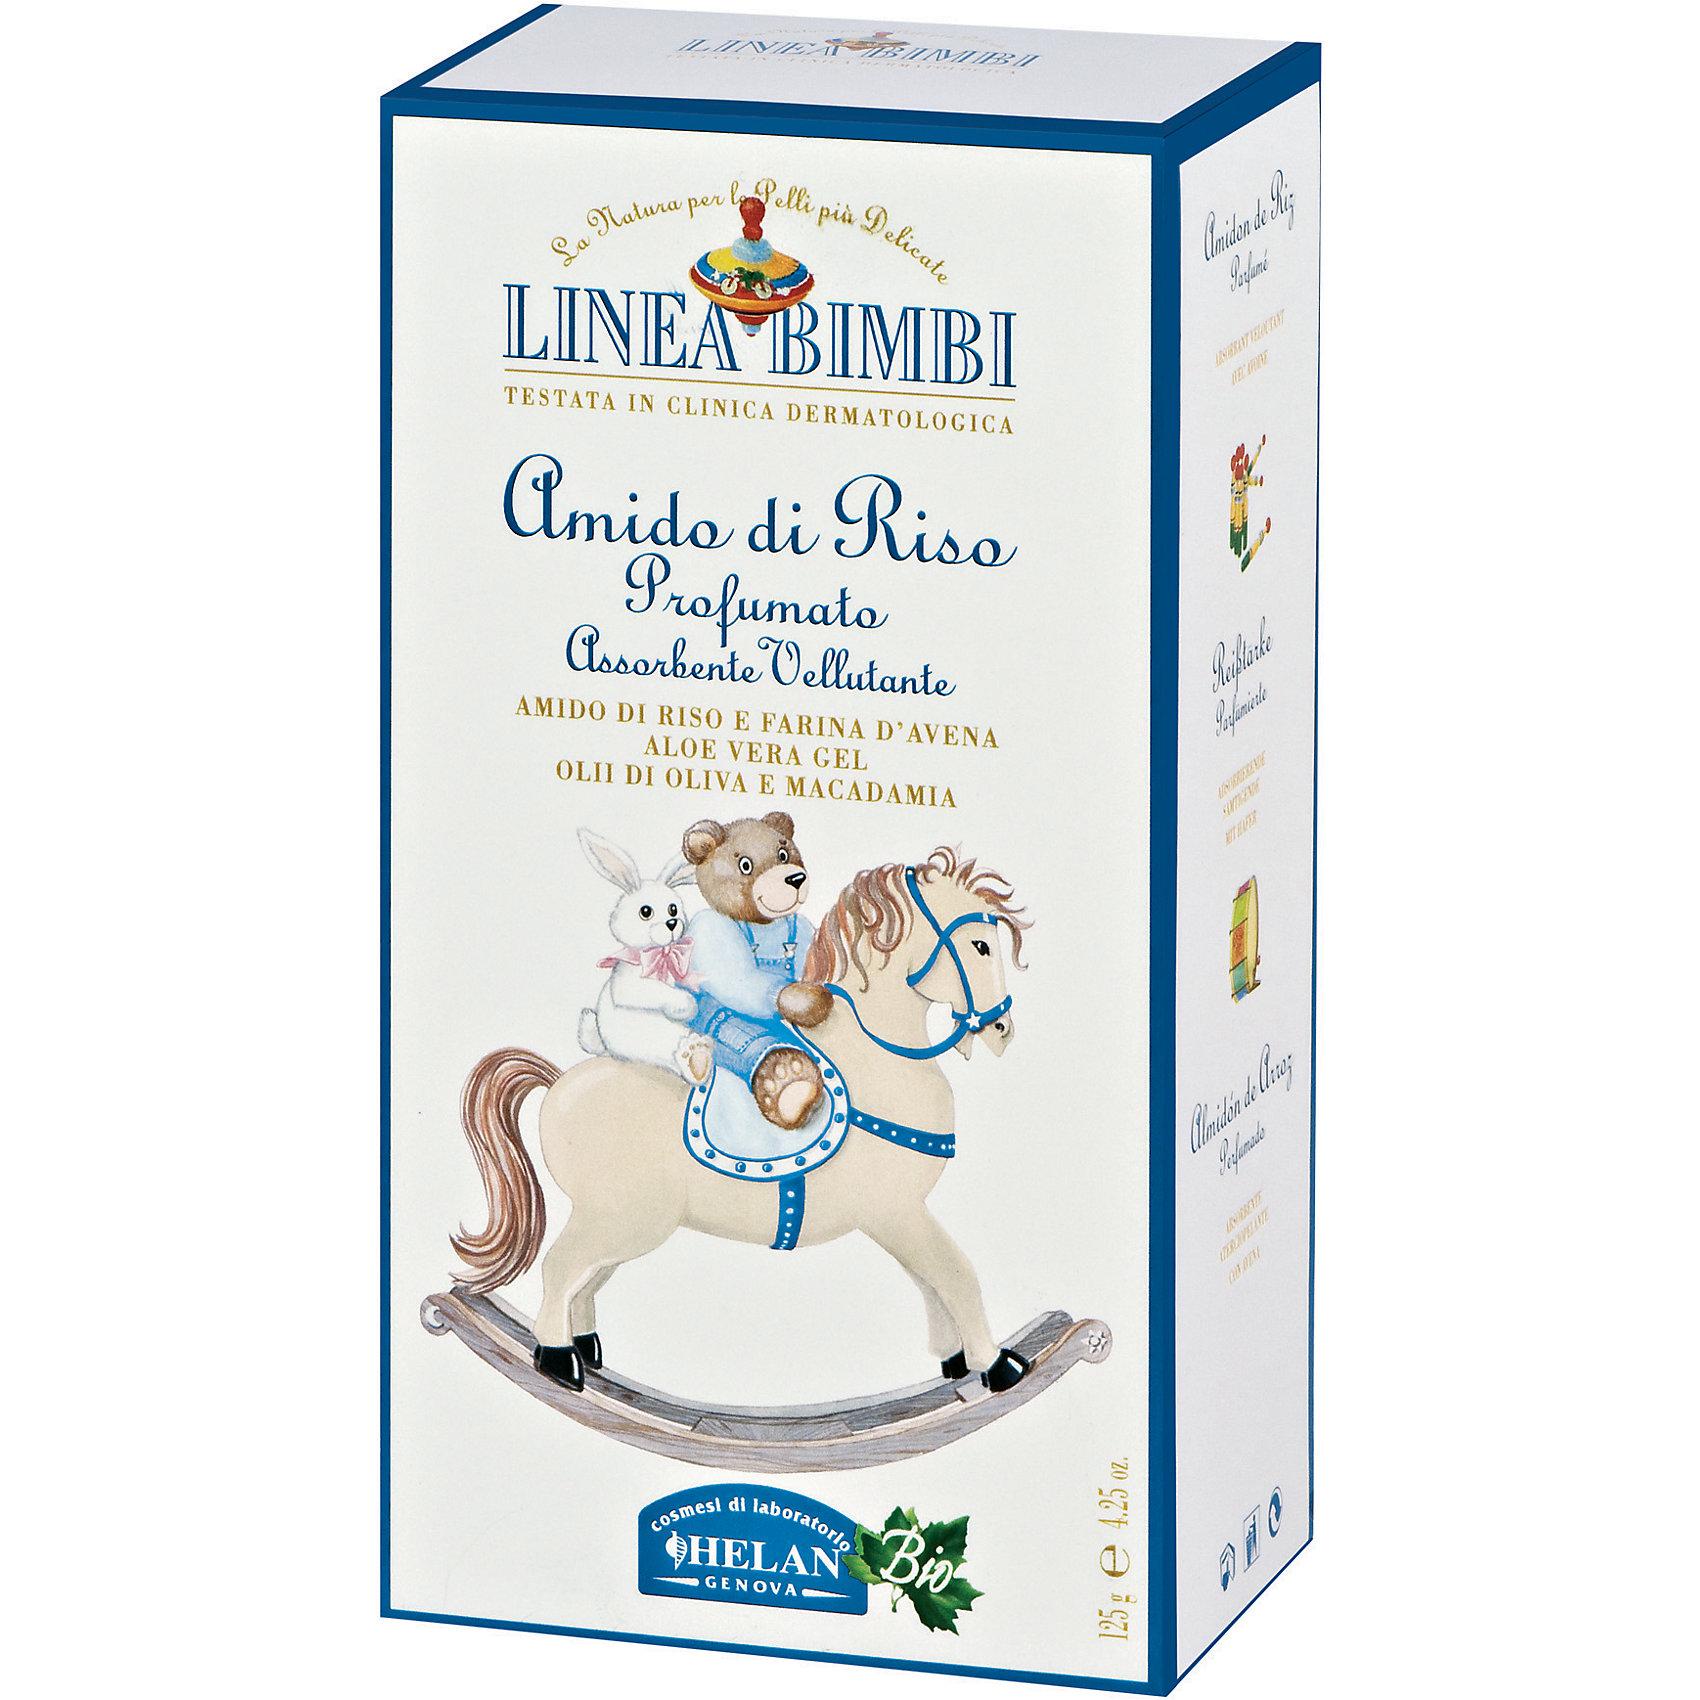 Присыпка мягкая для детей, Linea Bimbi, 75 гр., HELAN